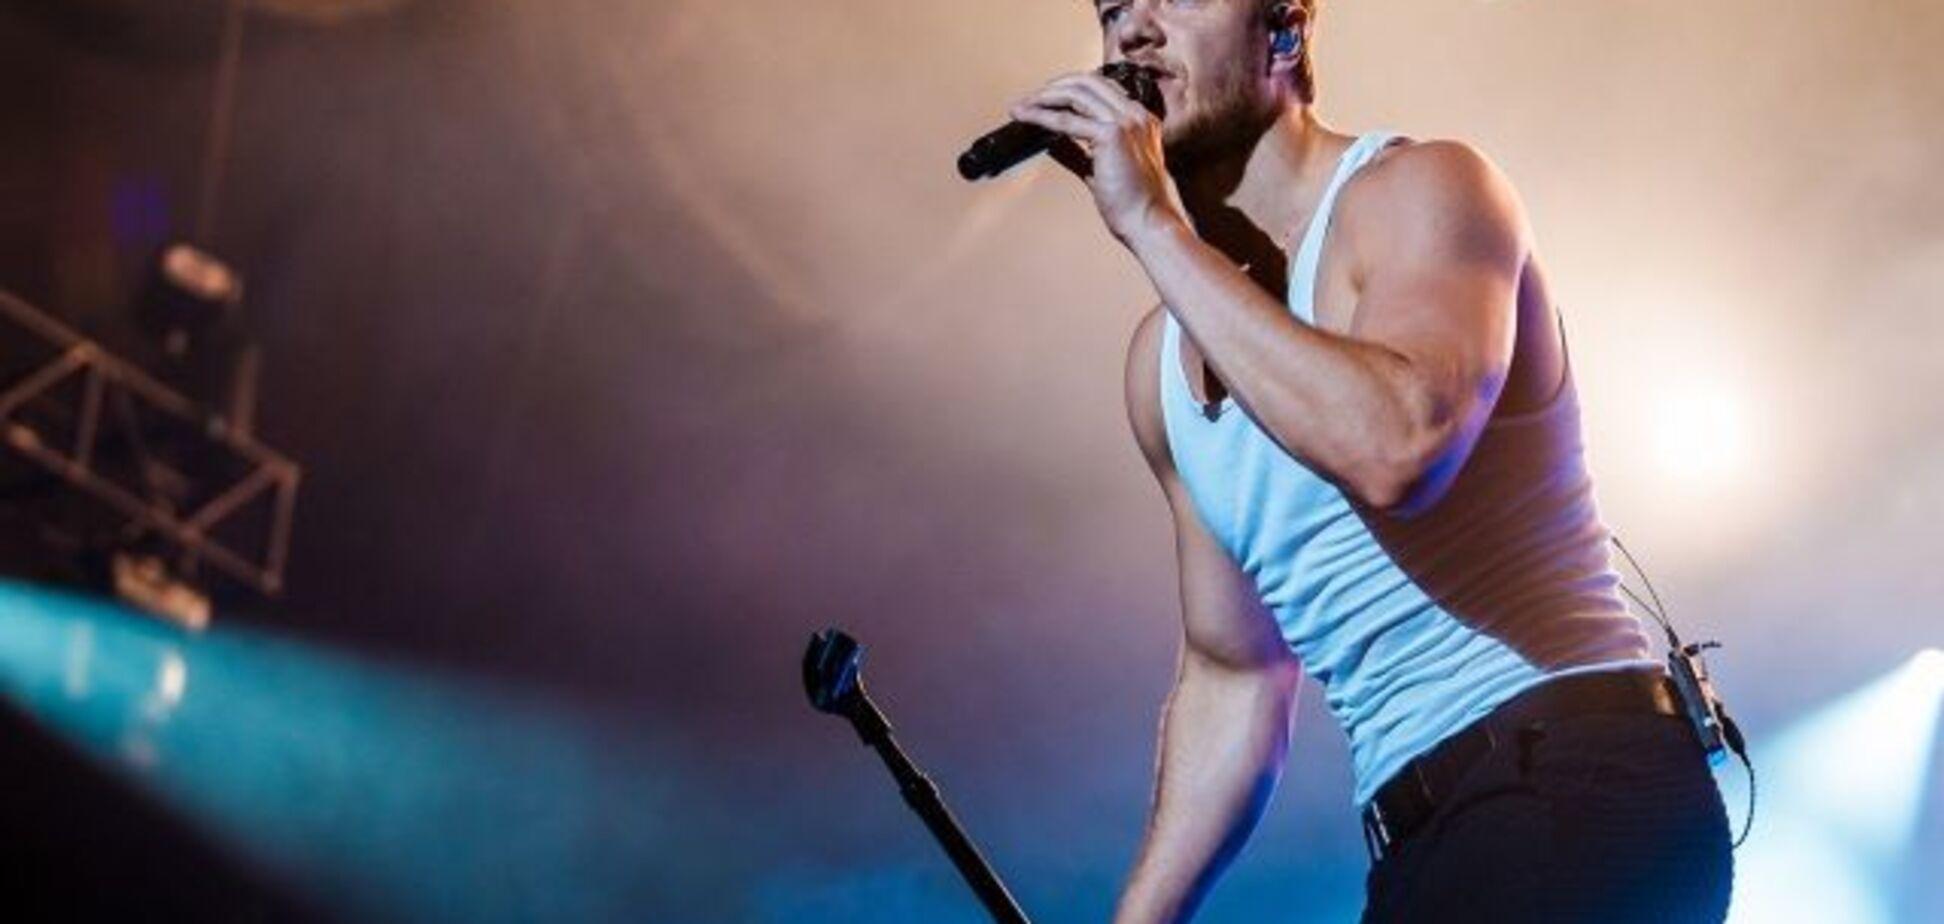 Новый яркий клип Imagine Dragons бьет рекорды в YouTube